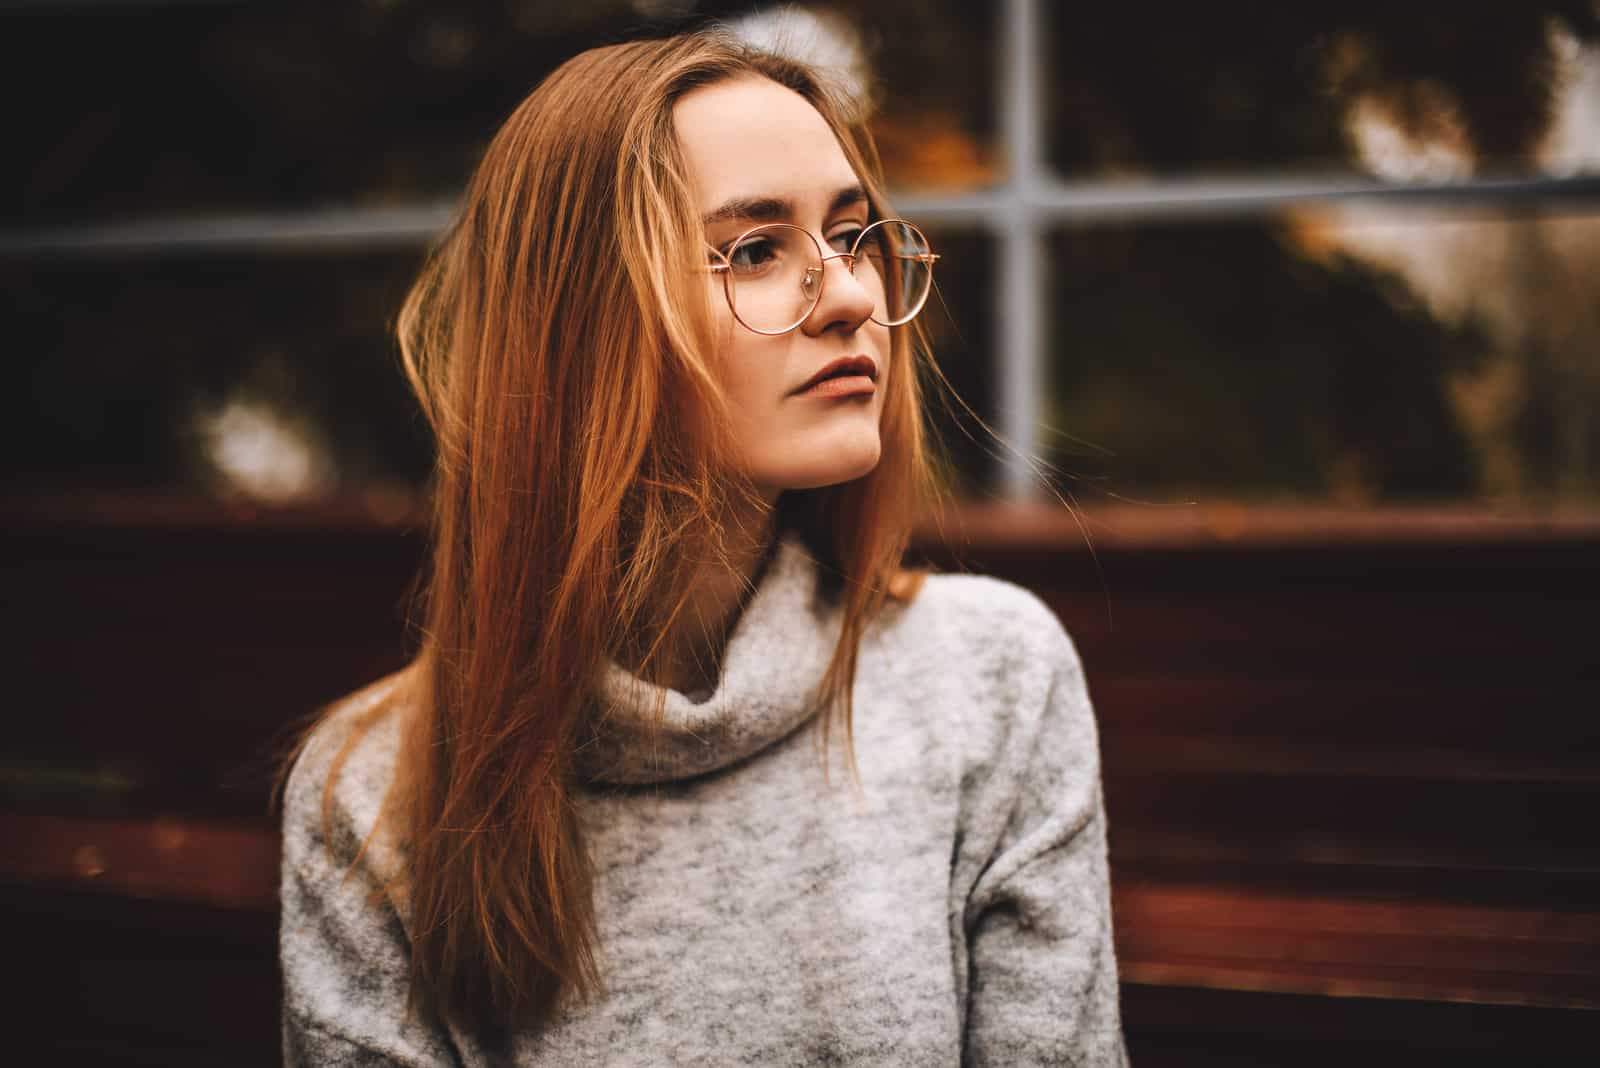 fundersam ung kvinna med långt hår